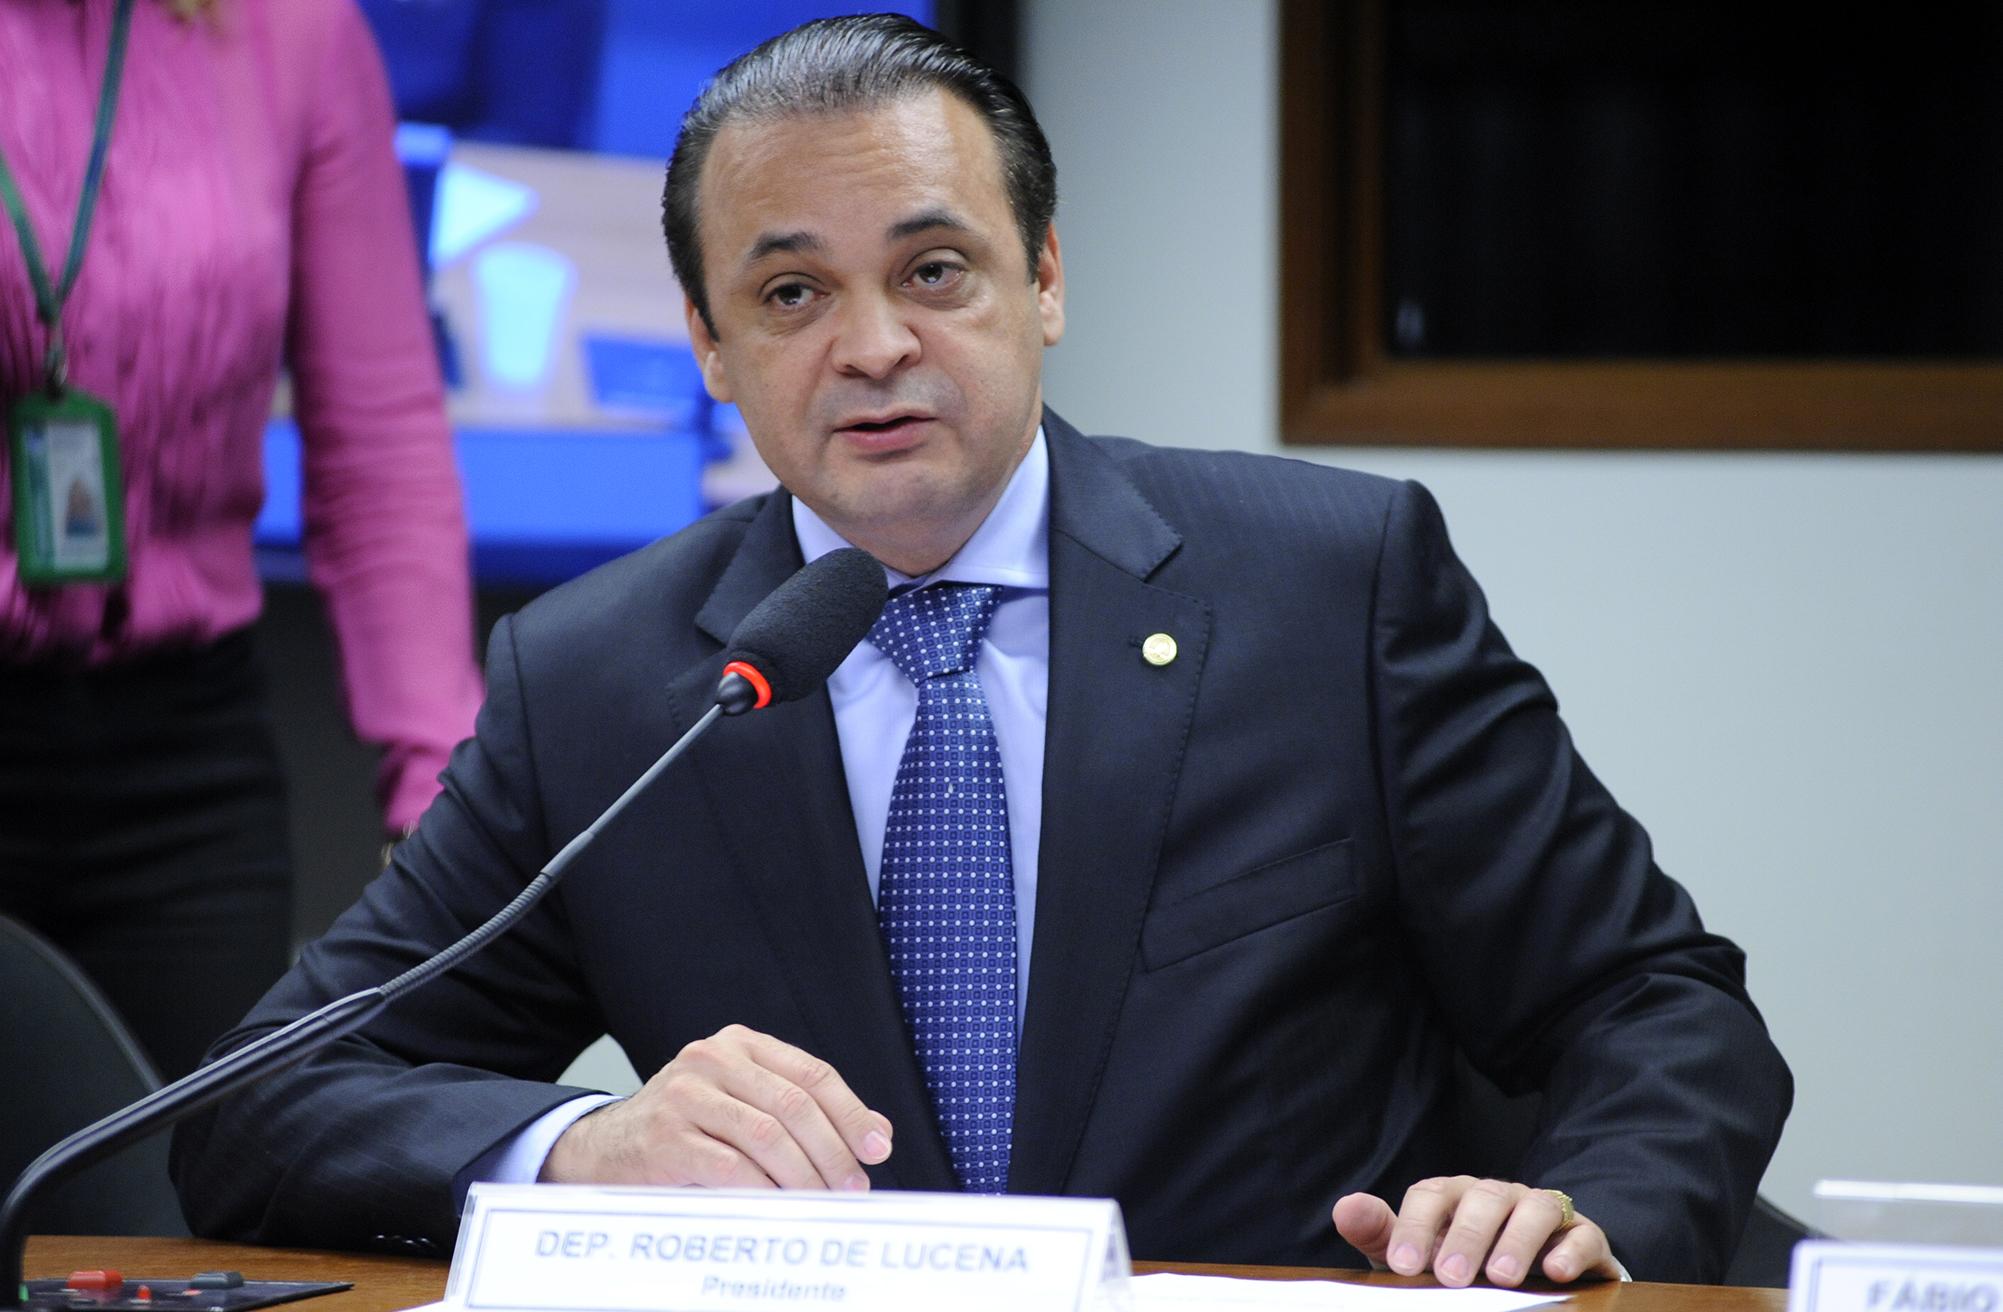 Audiência pública sobre a reforma previdenciária. Dep. Roberto de Lucena (PV-SP)